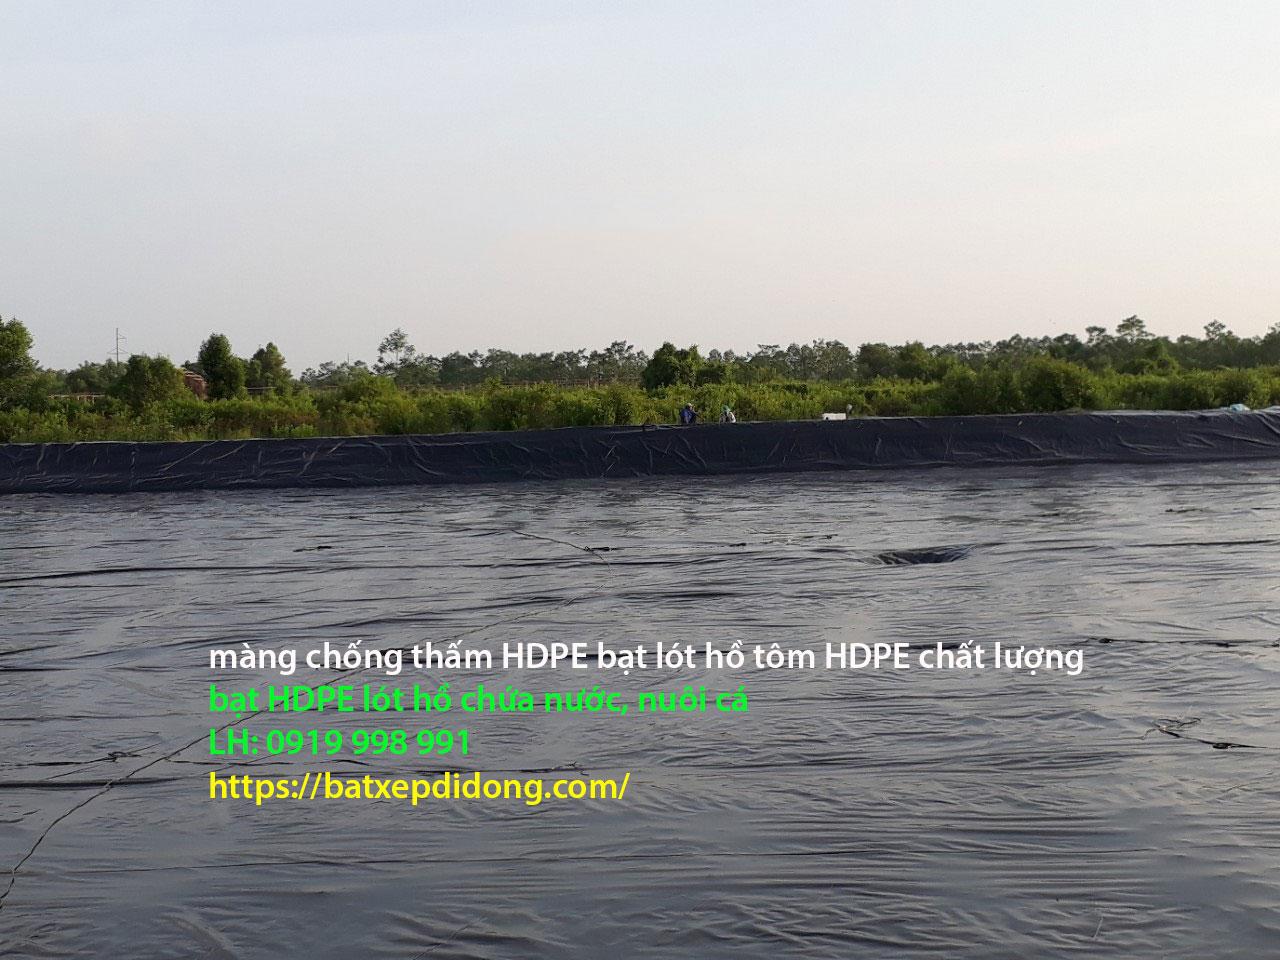 Bạt HDPE lót bờ ao chống thấm, bạt lót hồ chứa nước Bình Phước